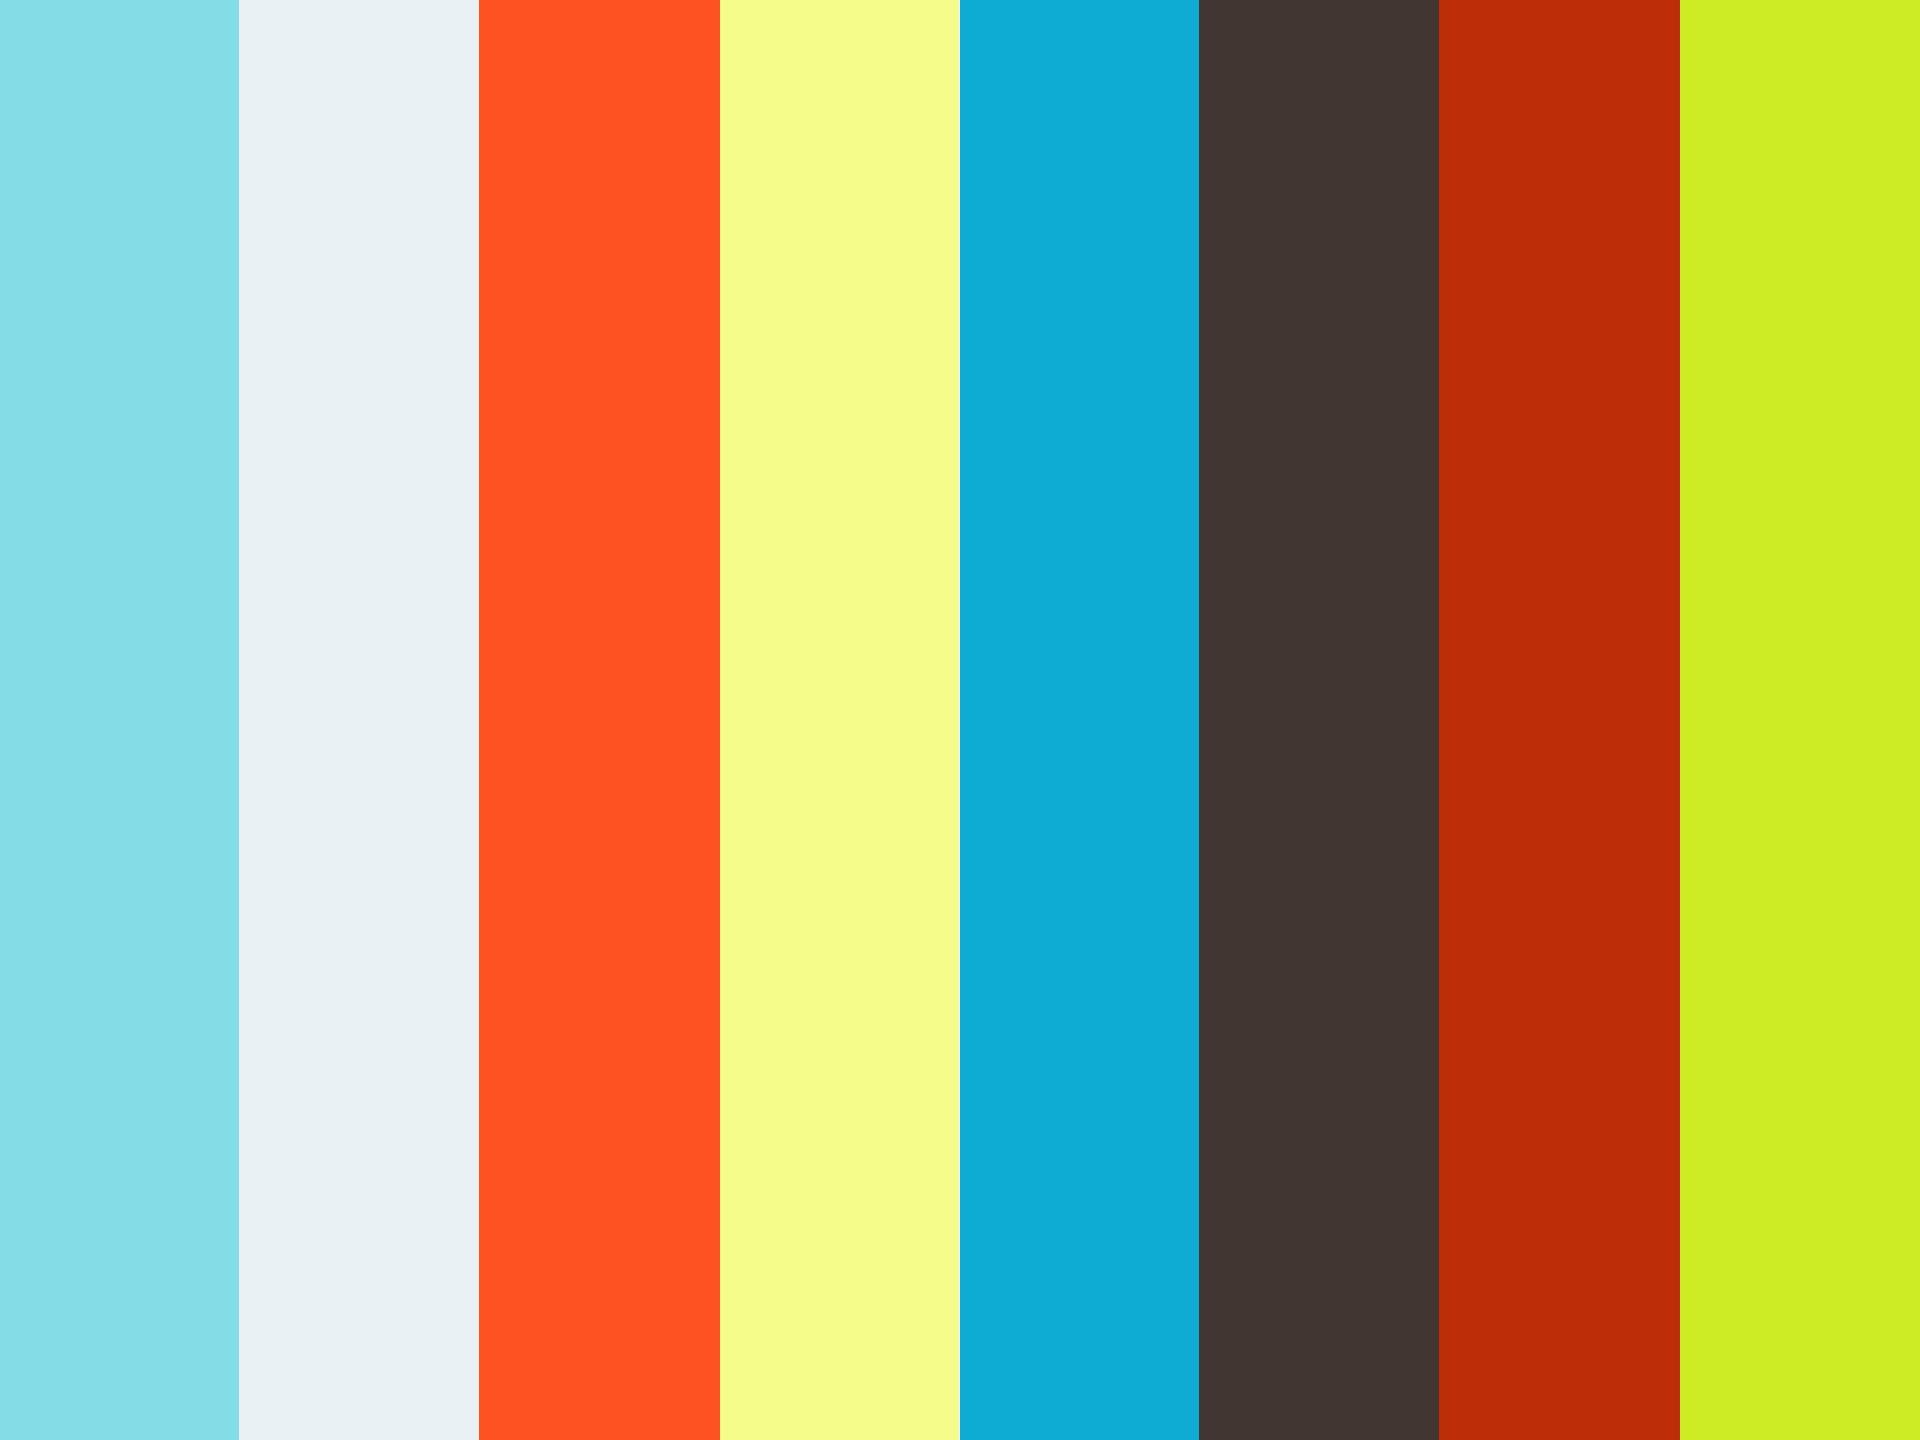 【DPA】青島徹児先生:ダイレクトボンディング~スロットテクニック~